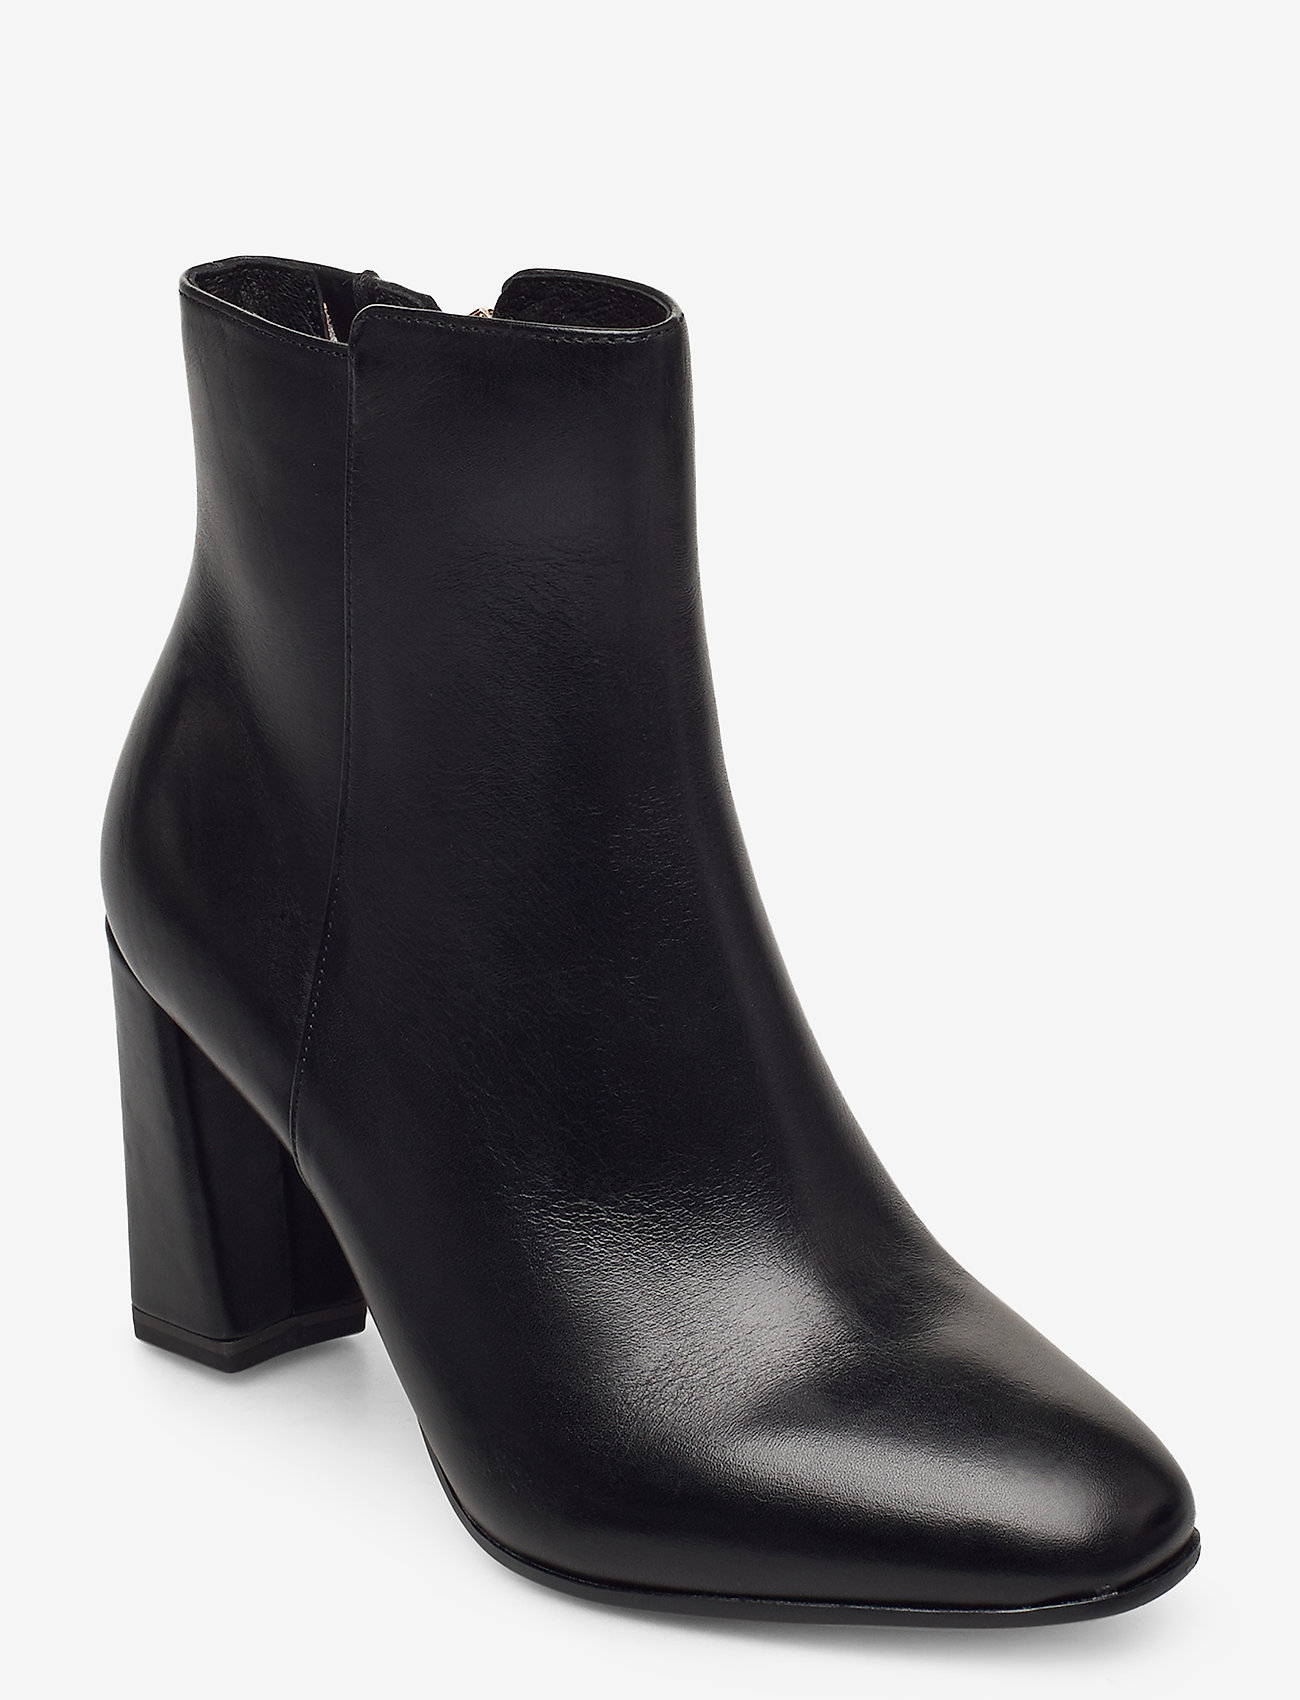 Tamaris Heart & Sole - Woms Boots - enkellaarsjes met hak - black - 0